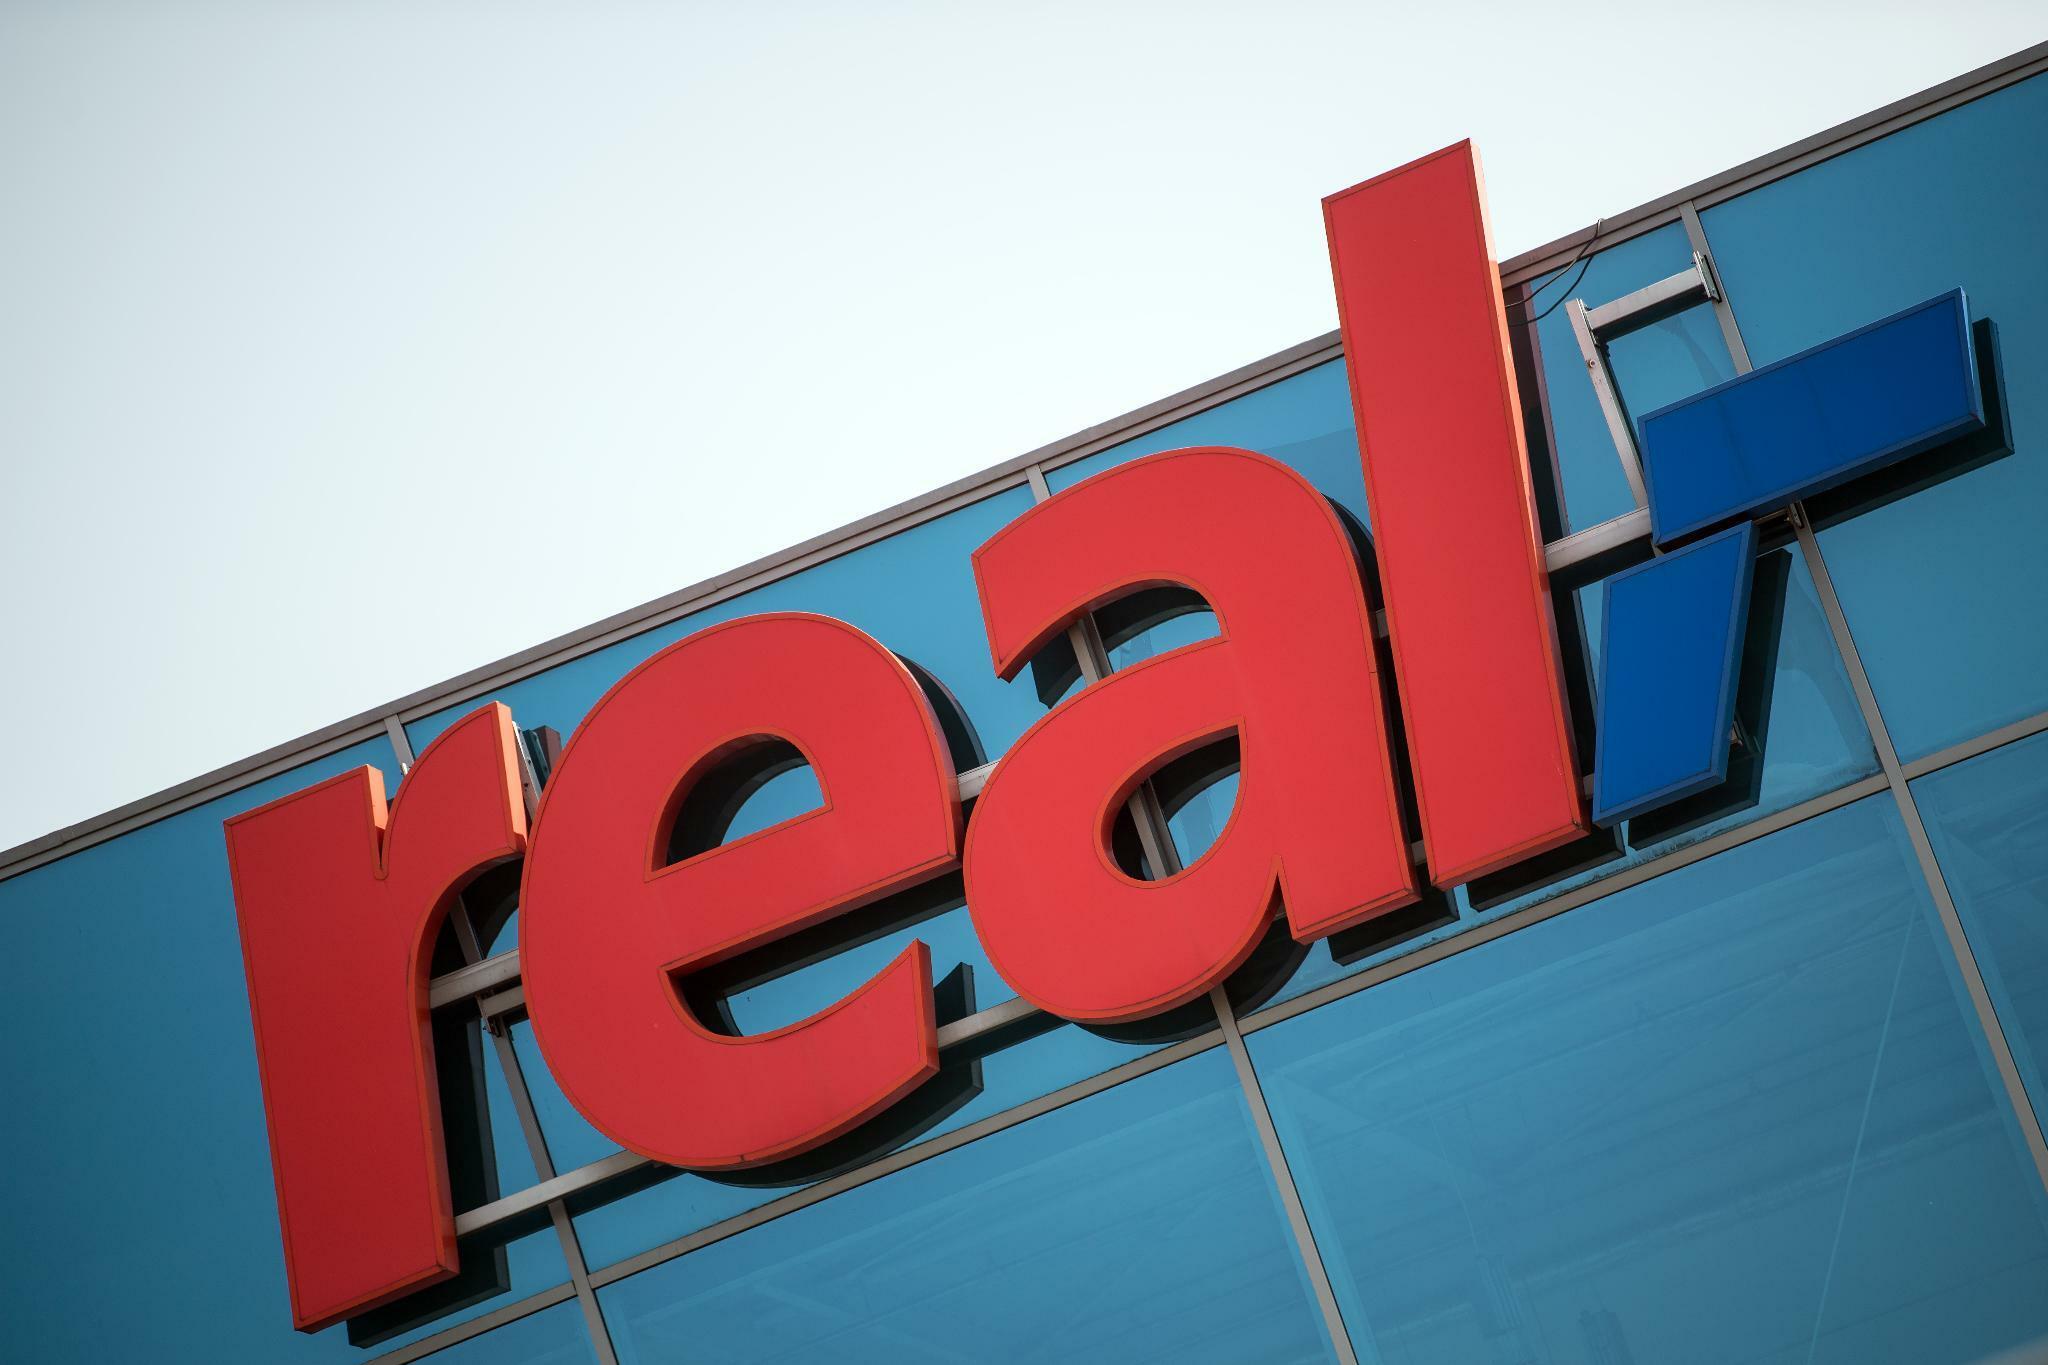 Handelskonzern: Metro und Redos werten Gebote für Real-Standorte aus